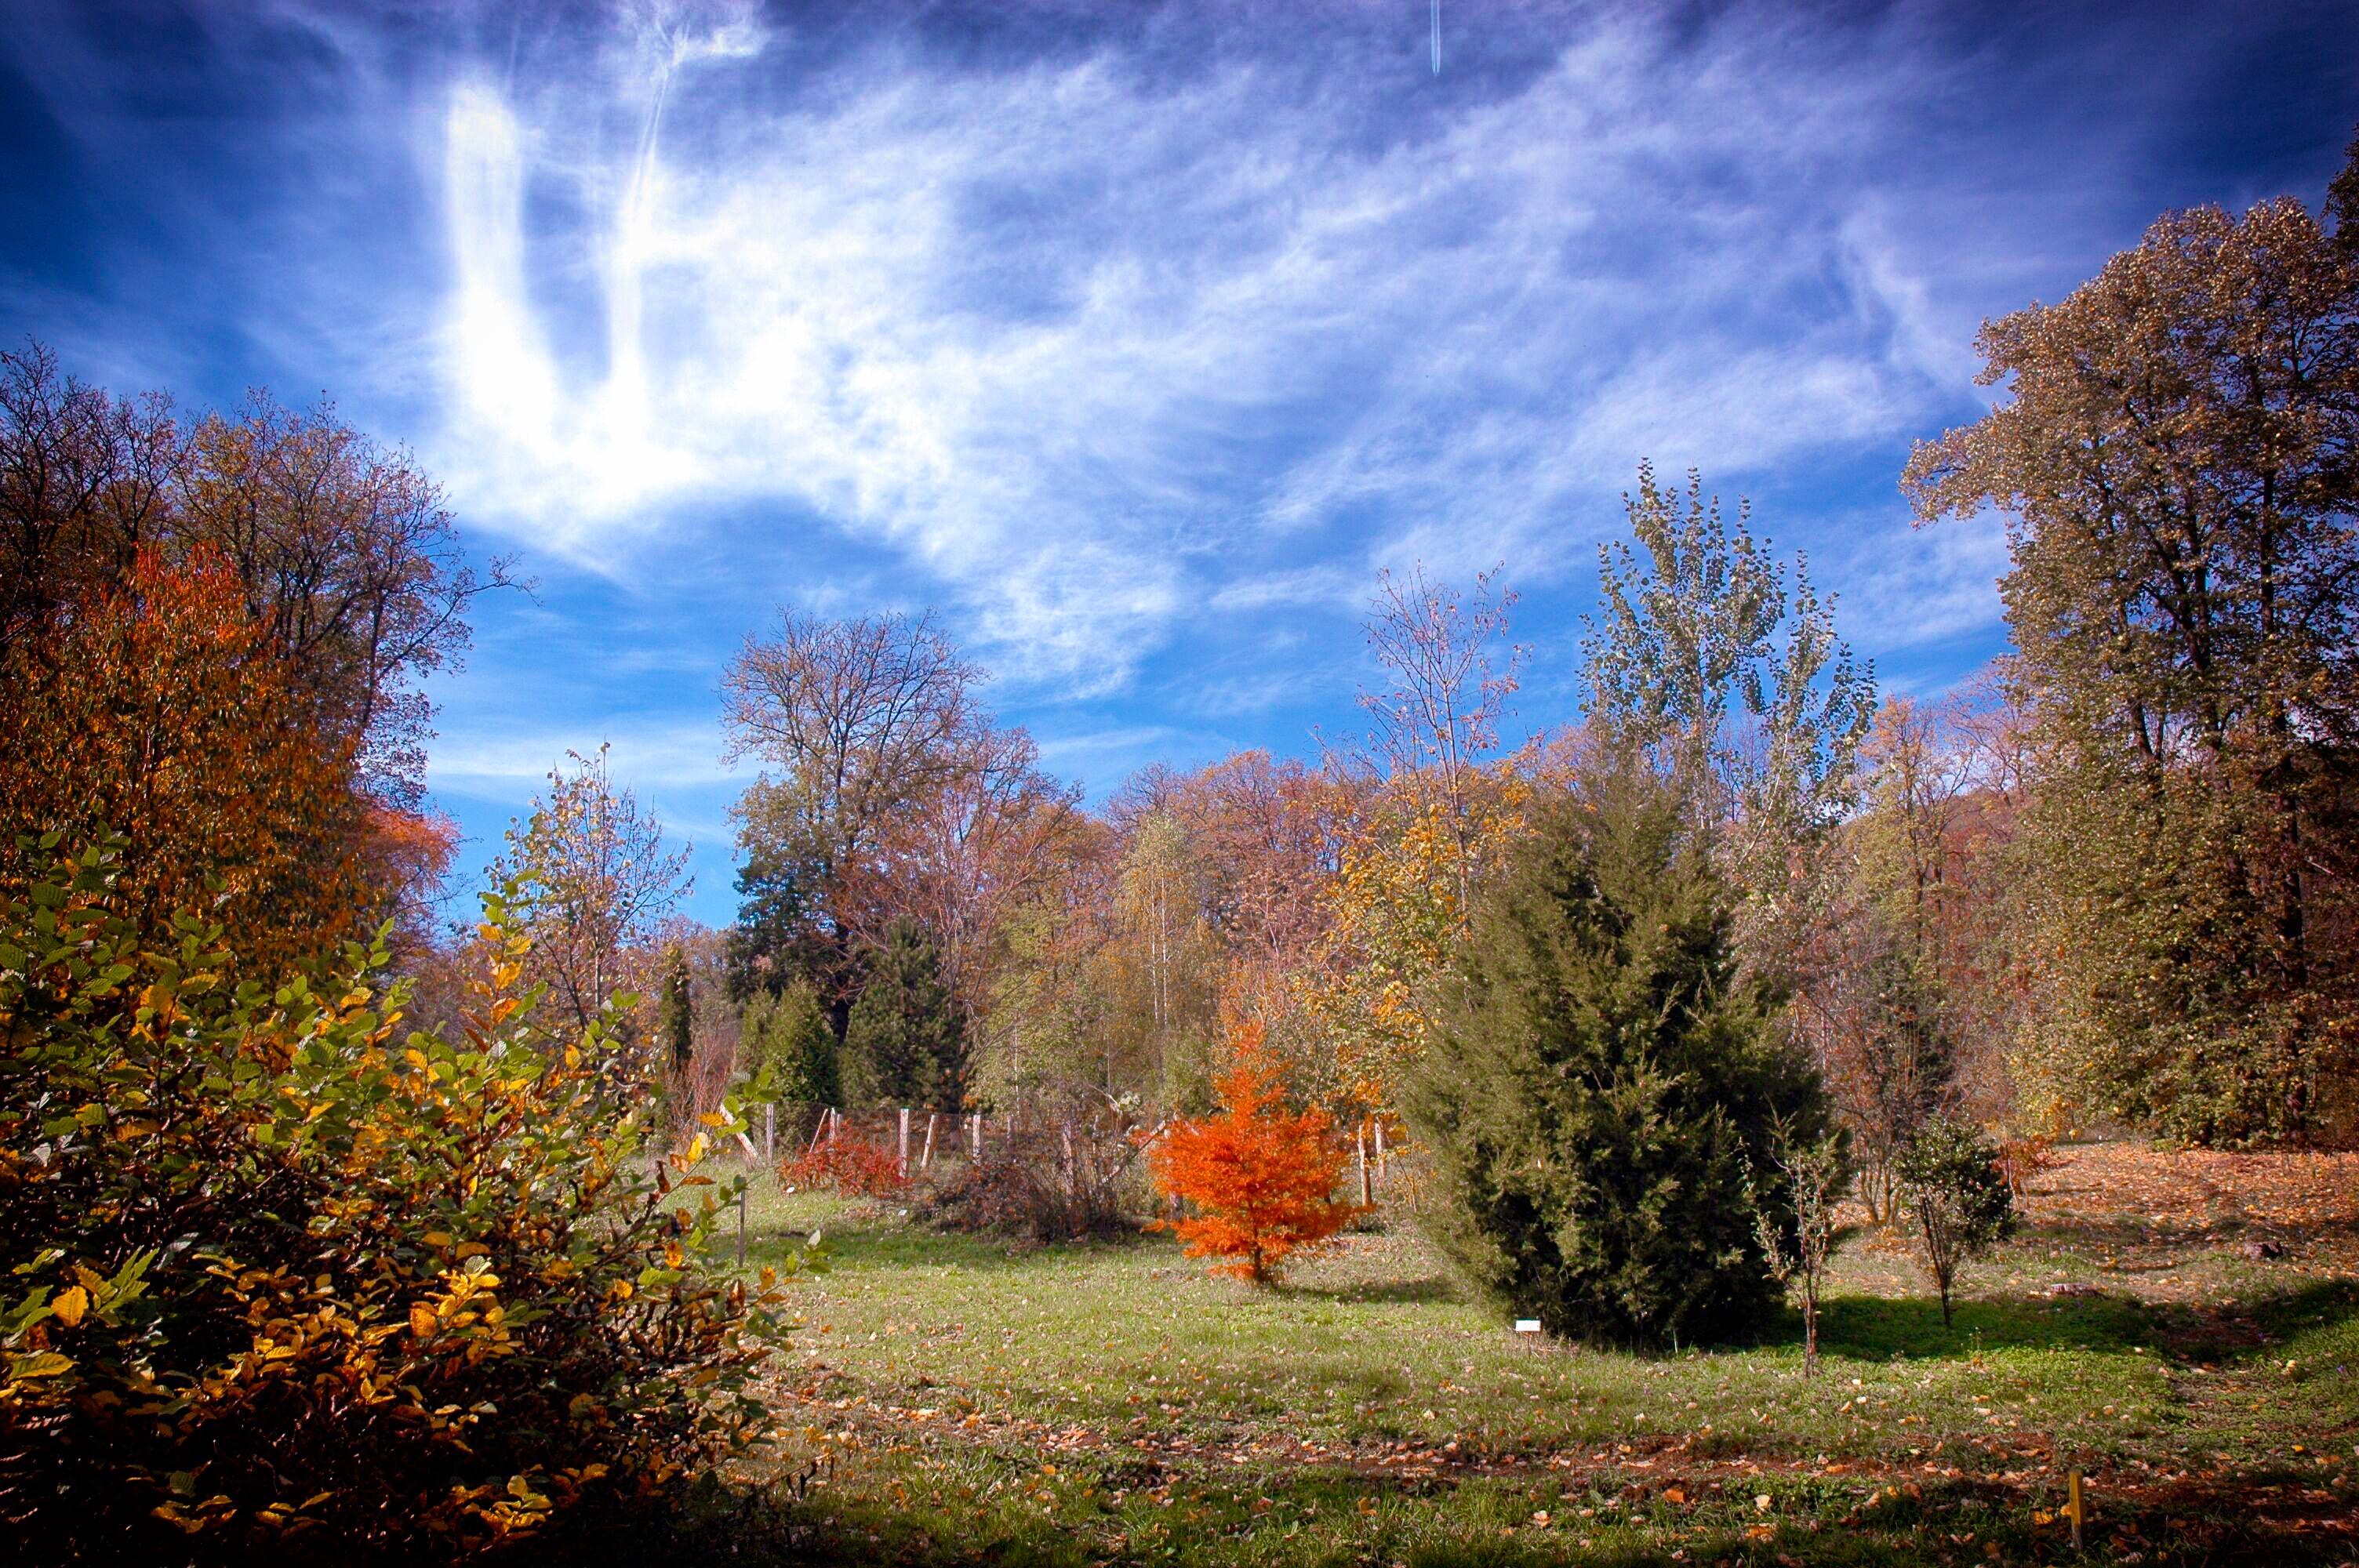 Park-arboretum